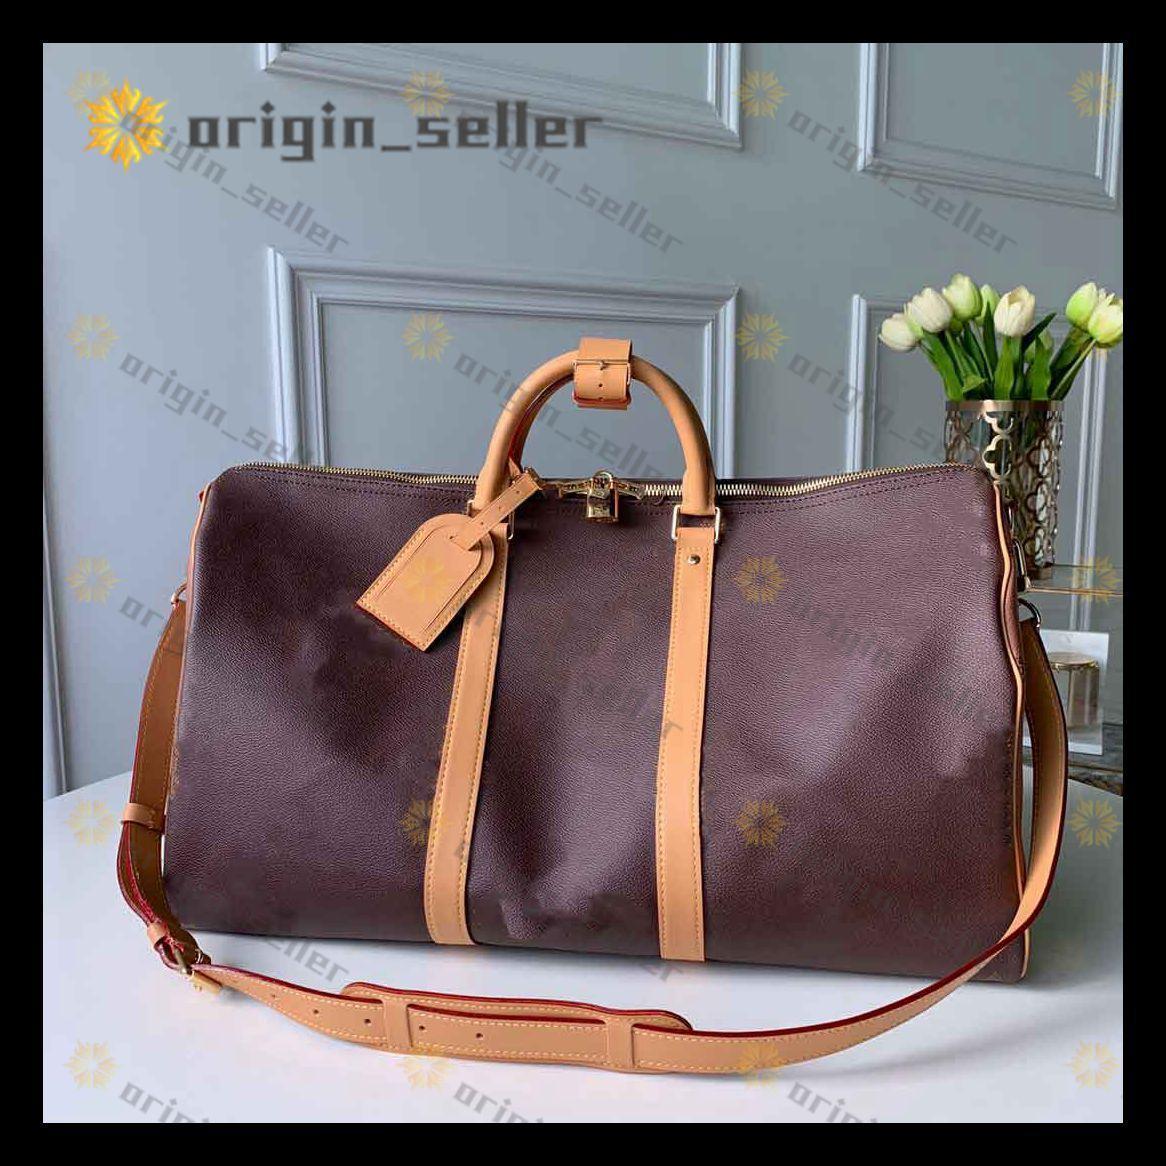 M41414 Çanta Yüksek Kadınlar Duffel Çanta Kapasitesi yüksek kapasiteli bagaj çantası bagaj su geçirmez çanta Gündelik Seyahat Çantaları Seyahat spor çantası